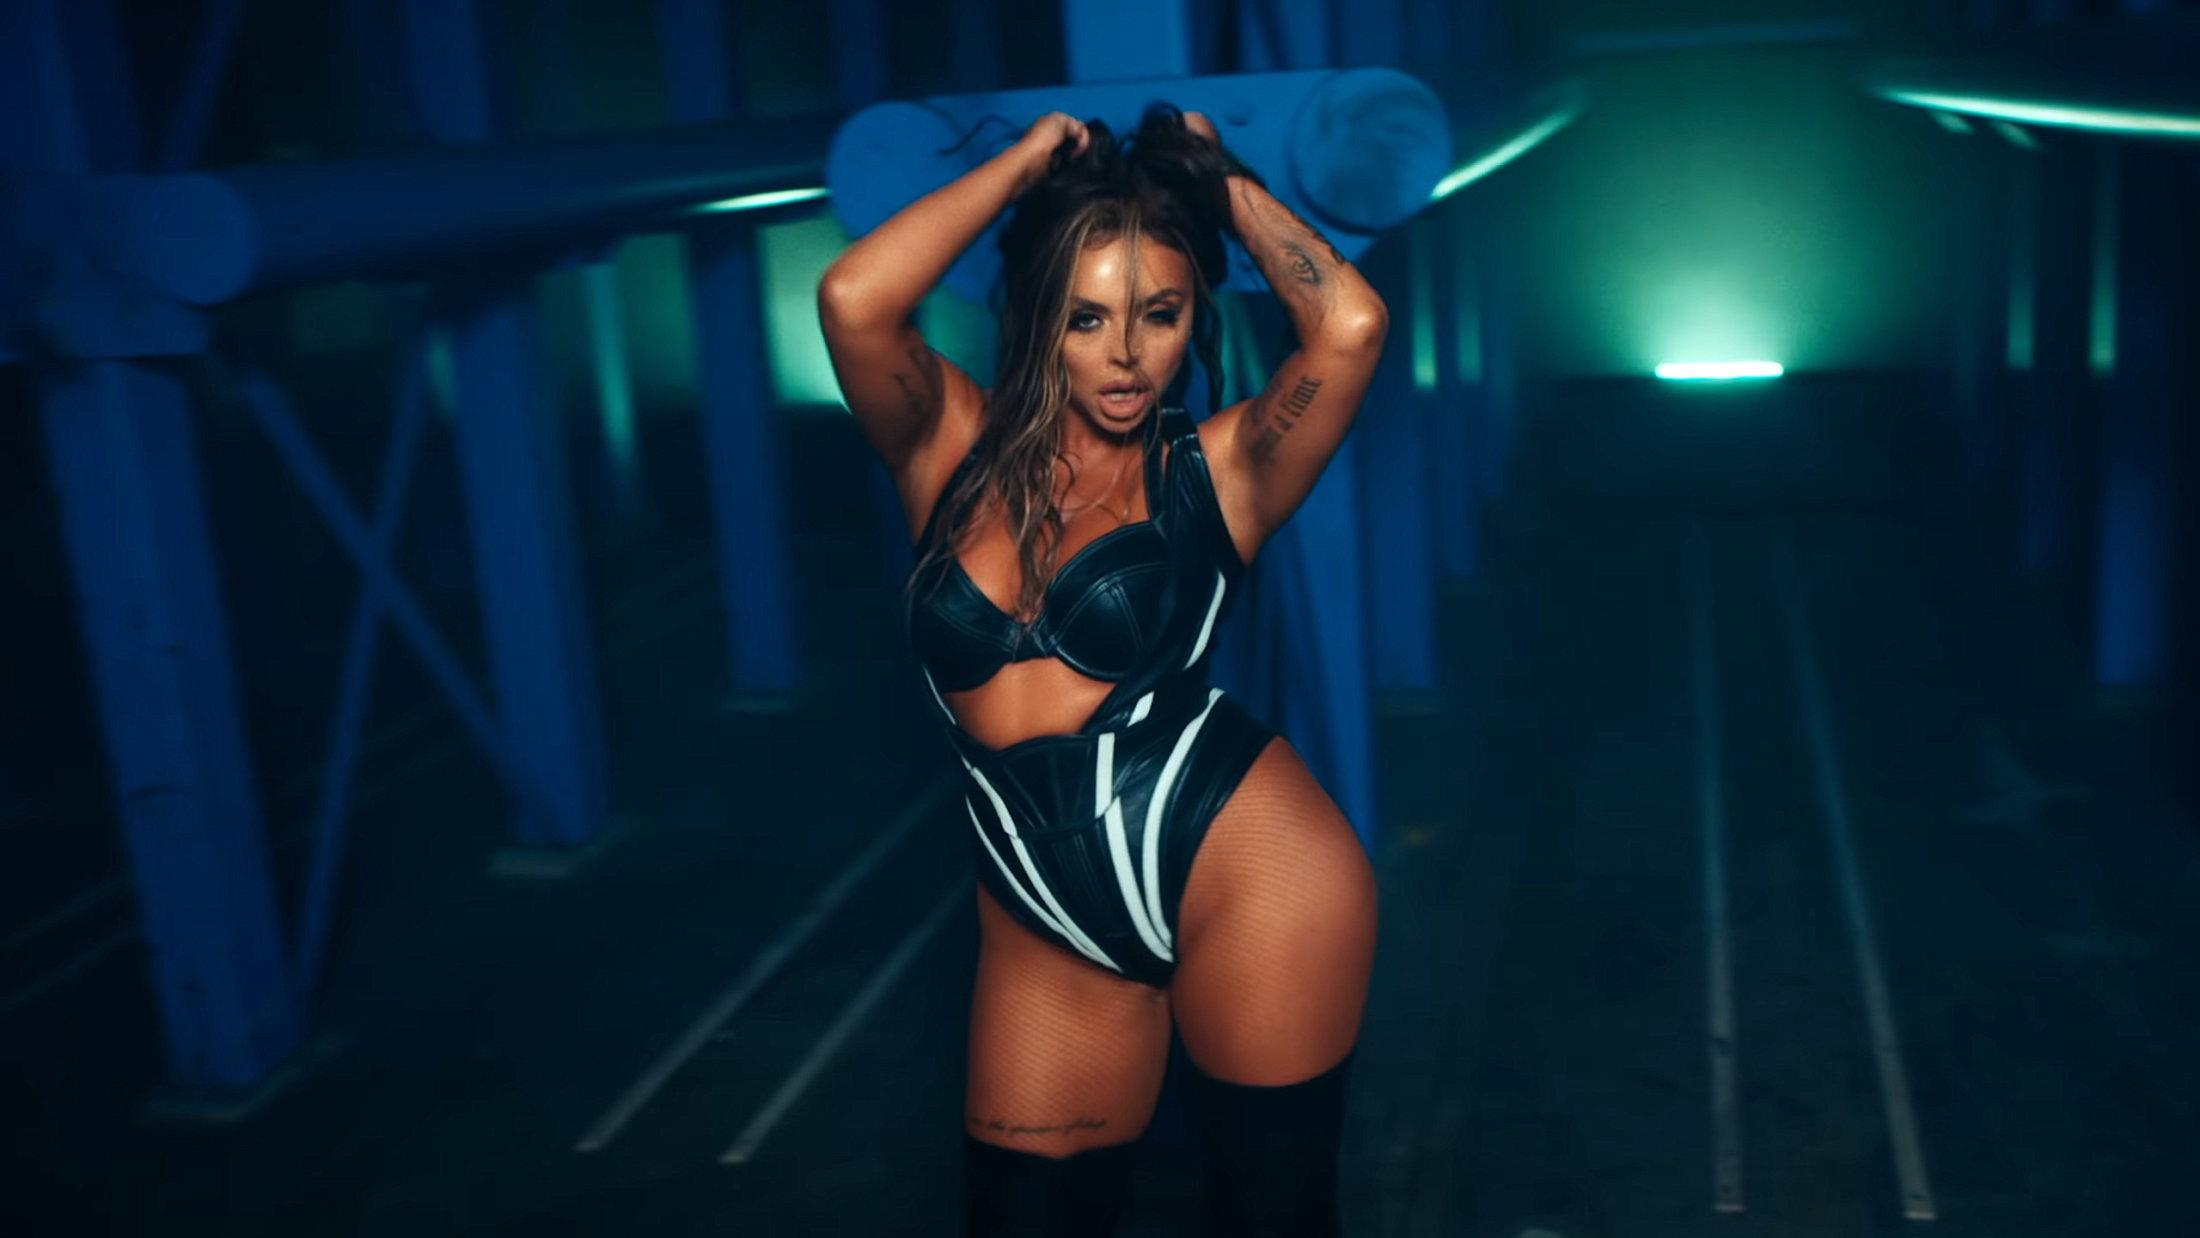 Little Mix - Sweet Melody (Official Video) 0-41 Screenshot (1)